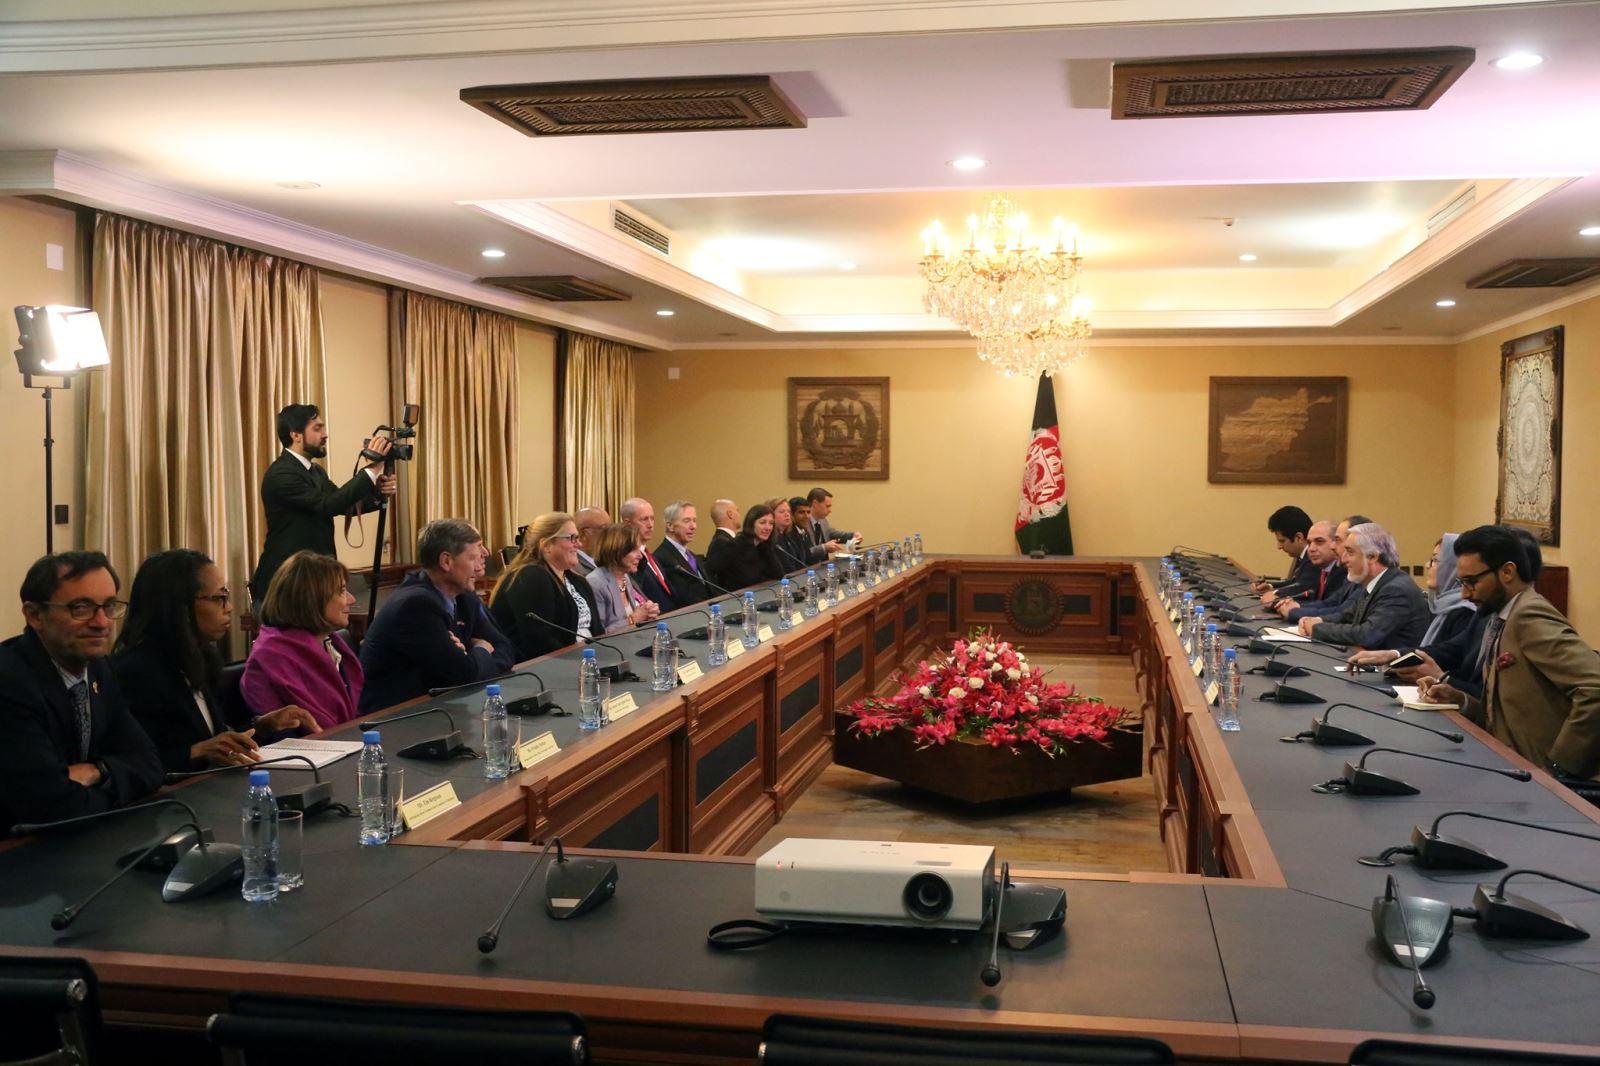 عبدالله عبدالله نانسی پلوسی - دیدار رییس اجراییه حکومت وحدت ملی با هیئت کانگرس ایالات متحده امریکا